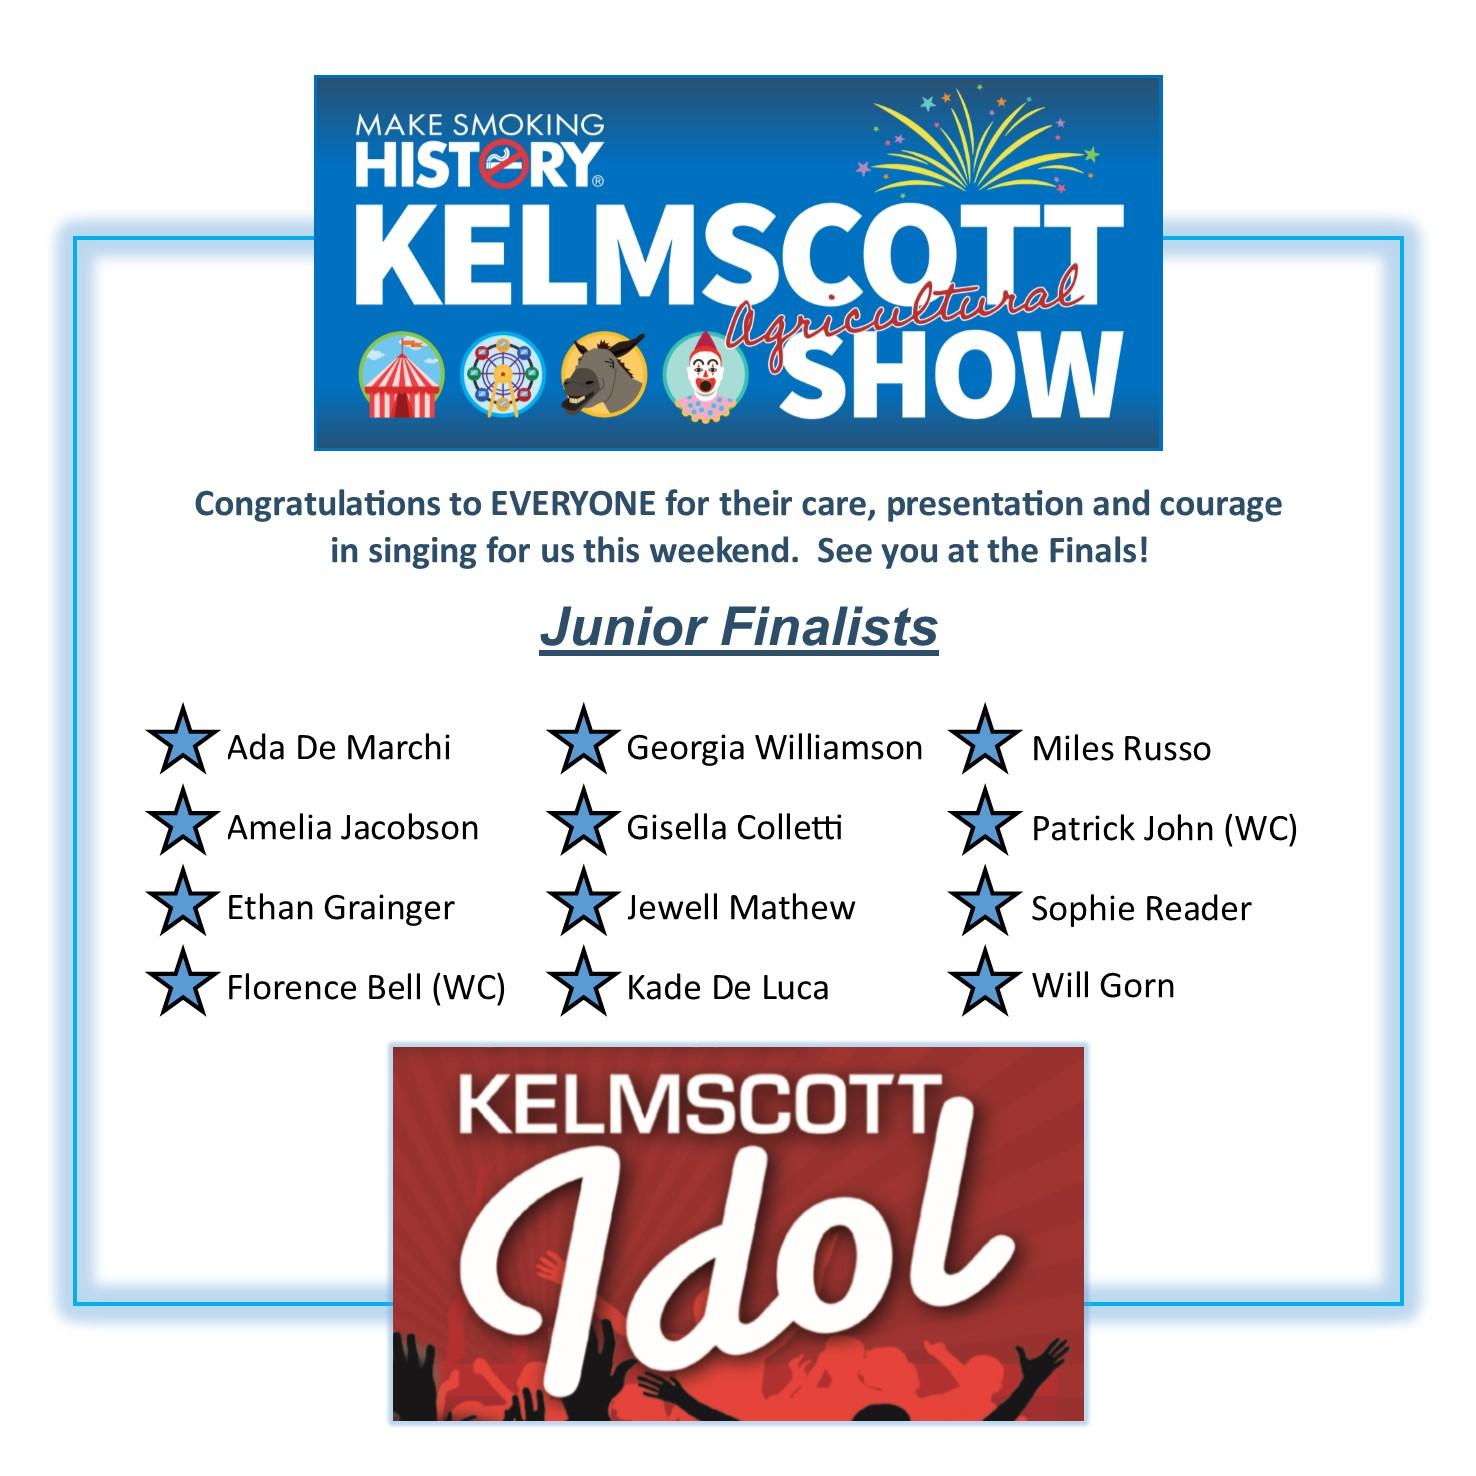 Kelmscott Idol Junior Finalists